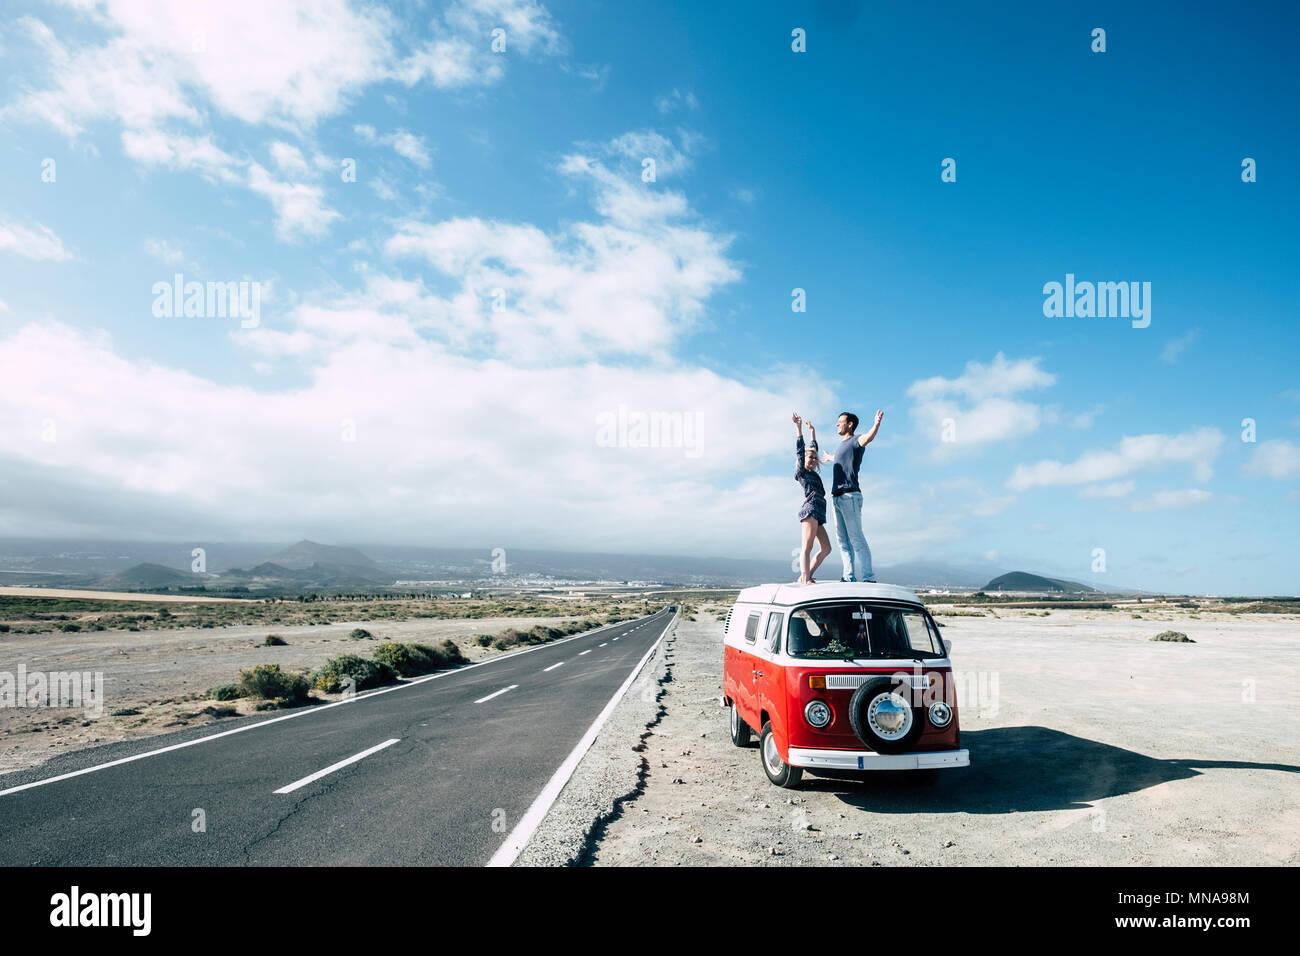 Hippie style für einen alternativen Urlaub Outdoor Freizeit für junge Paare kaukasischen schönen Aufenthalt auf dem Dach eines alten van Nea Stockbild